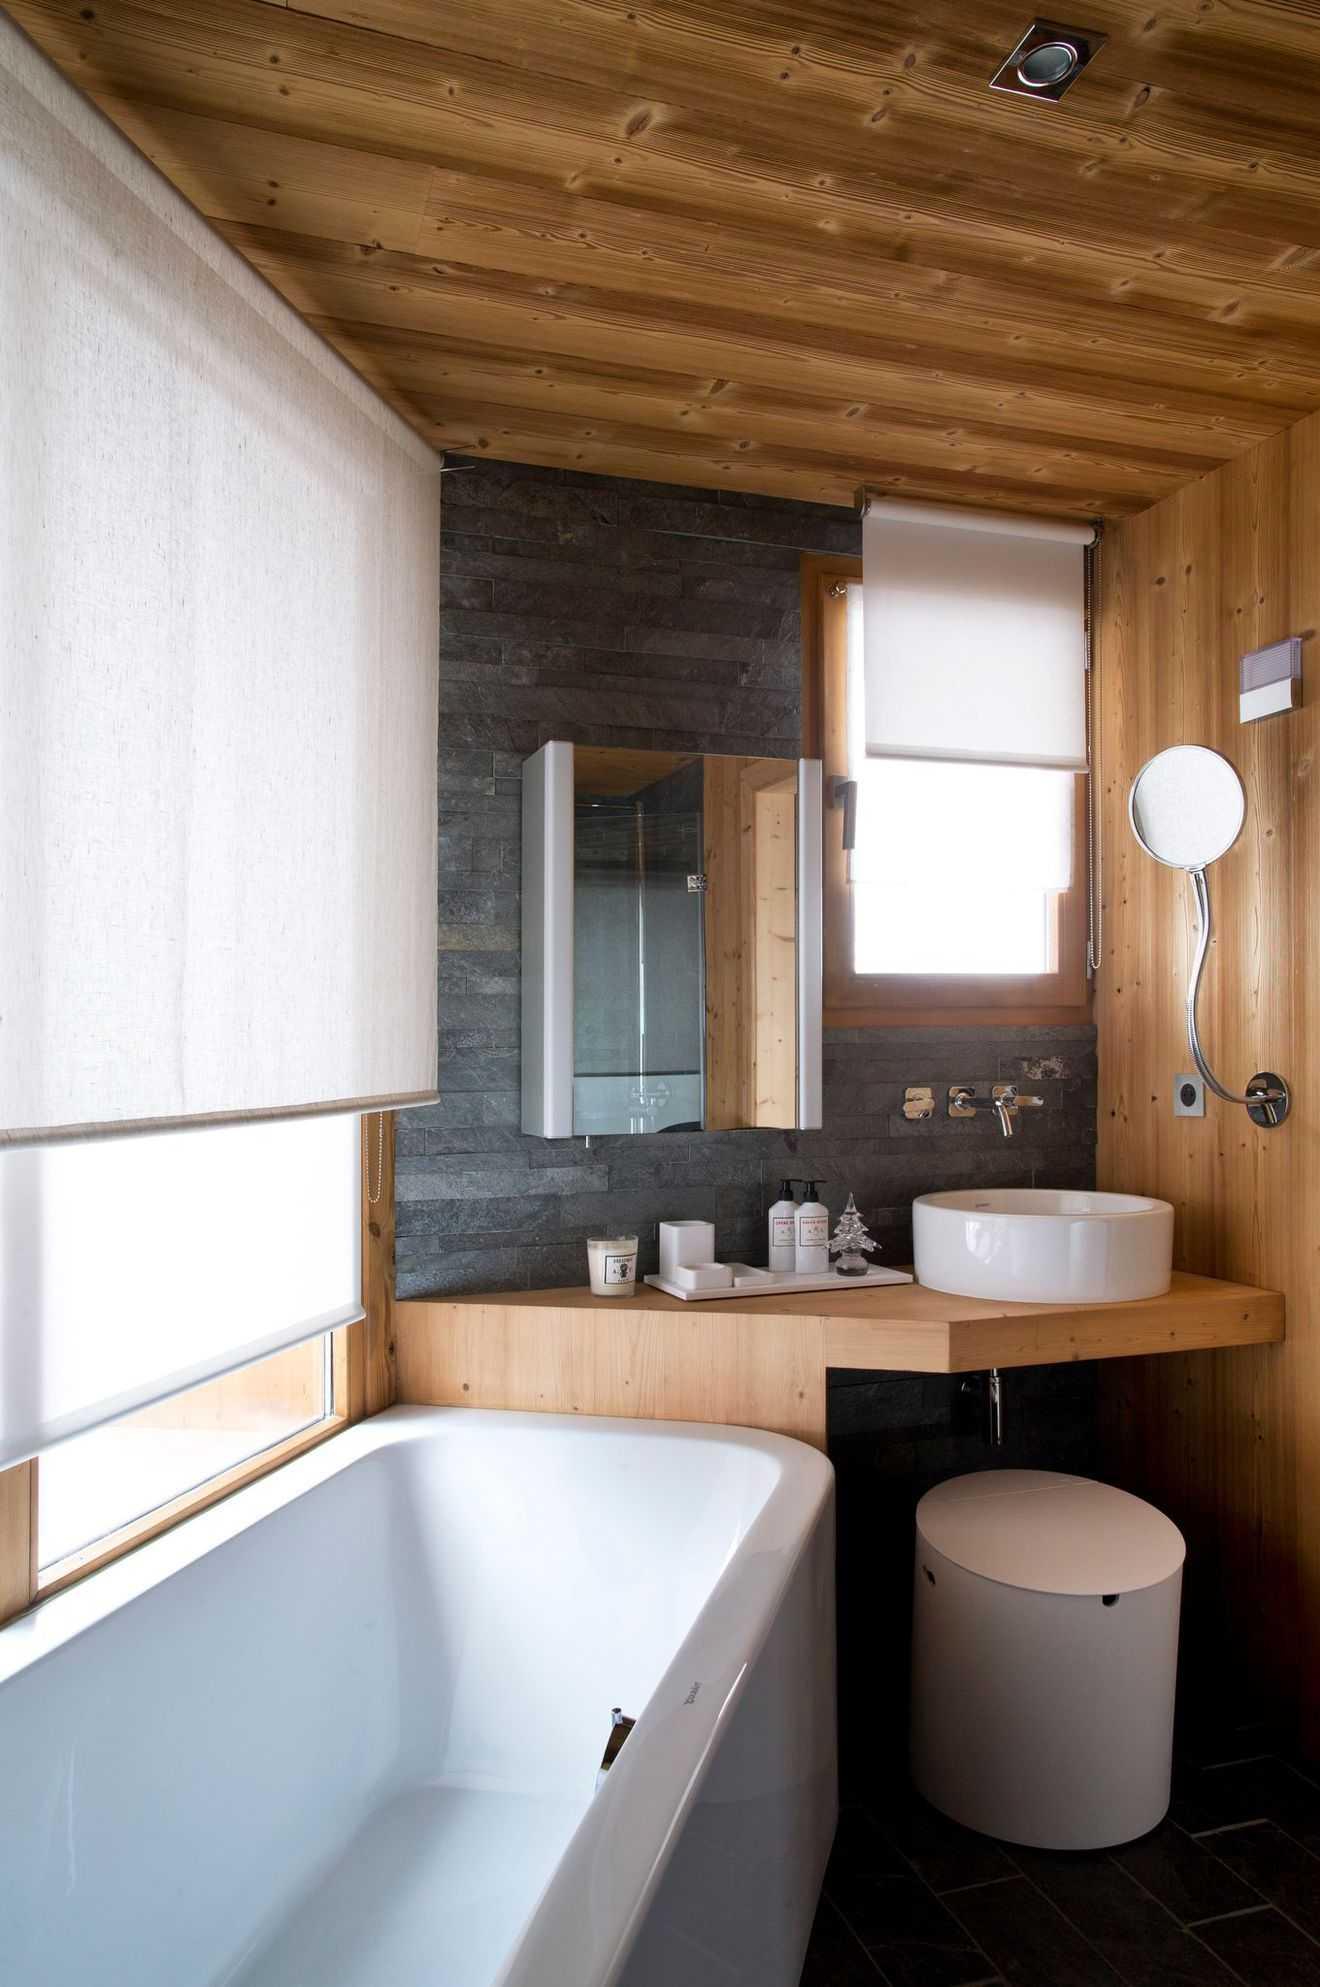 Ikea Salles De Bains Nouveau Photos Configurateur Salle De Bain Ides